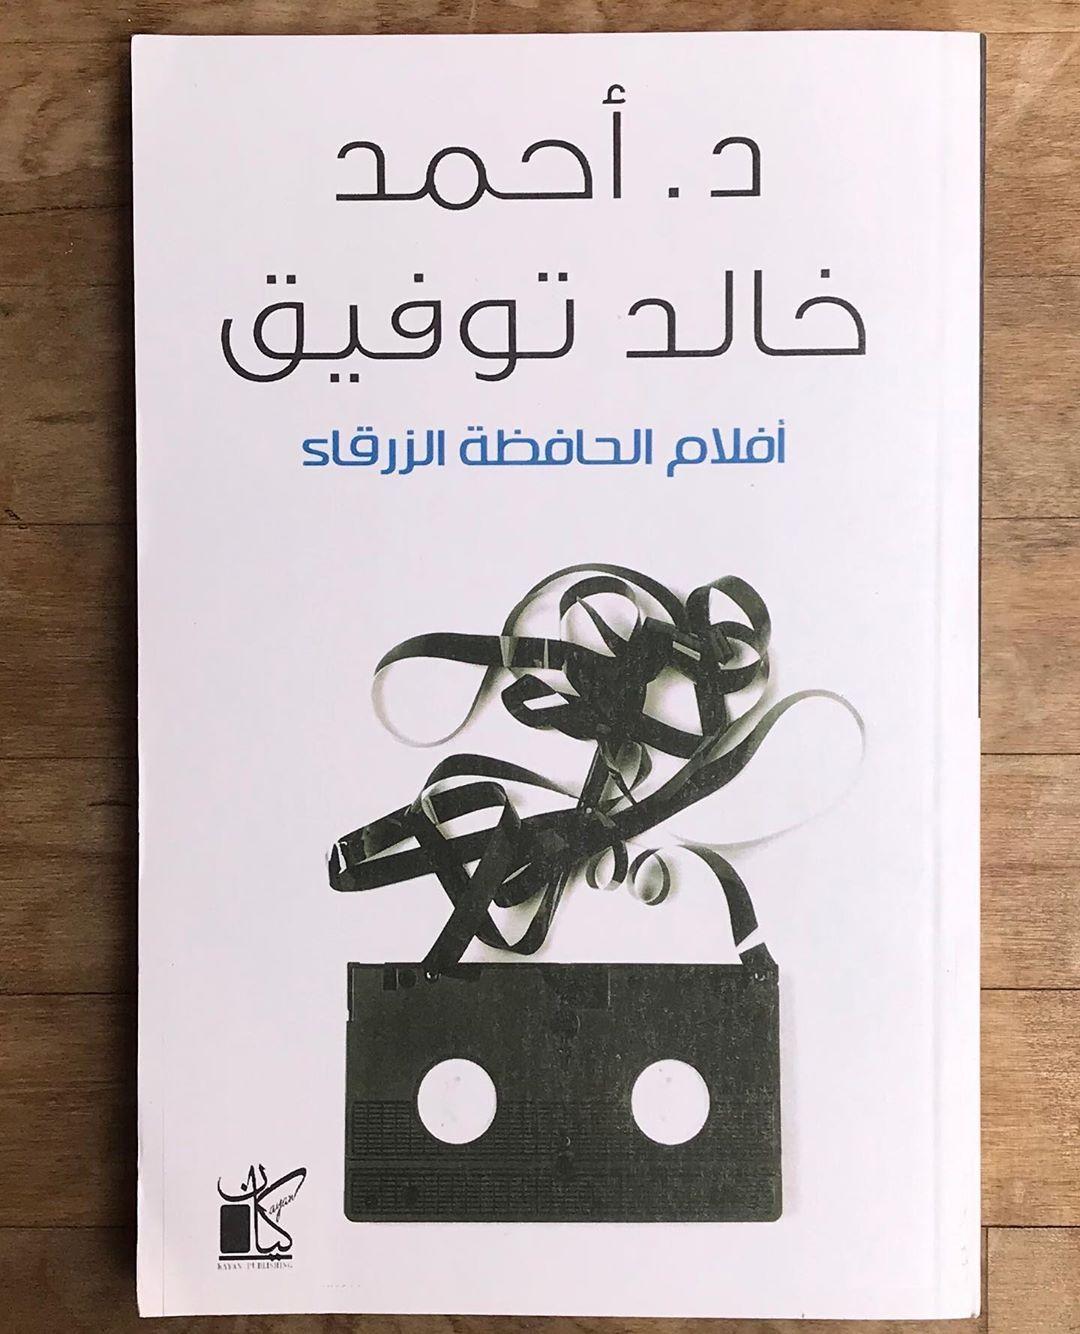 افلام الحافظه الزرقاء أحمد خالد توفيق السعر 30 جنيه للكتاب For Order Dm كتب مصر القاهره روايات روايه مستعمل Instagram Posts Book Cover Instagram